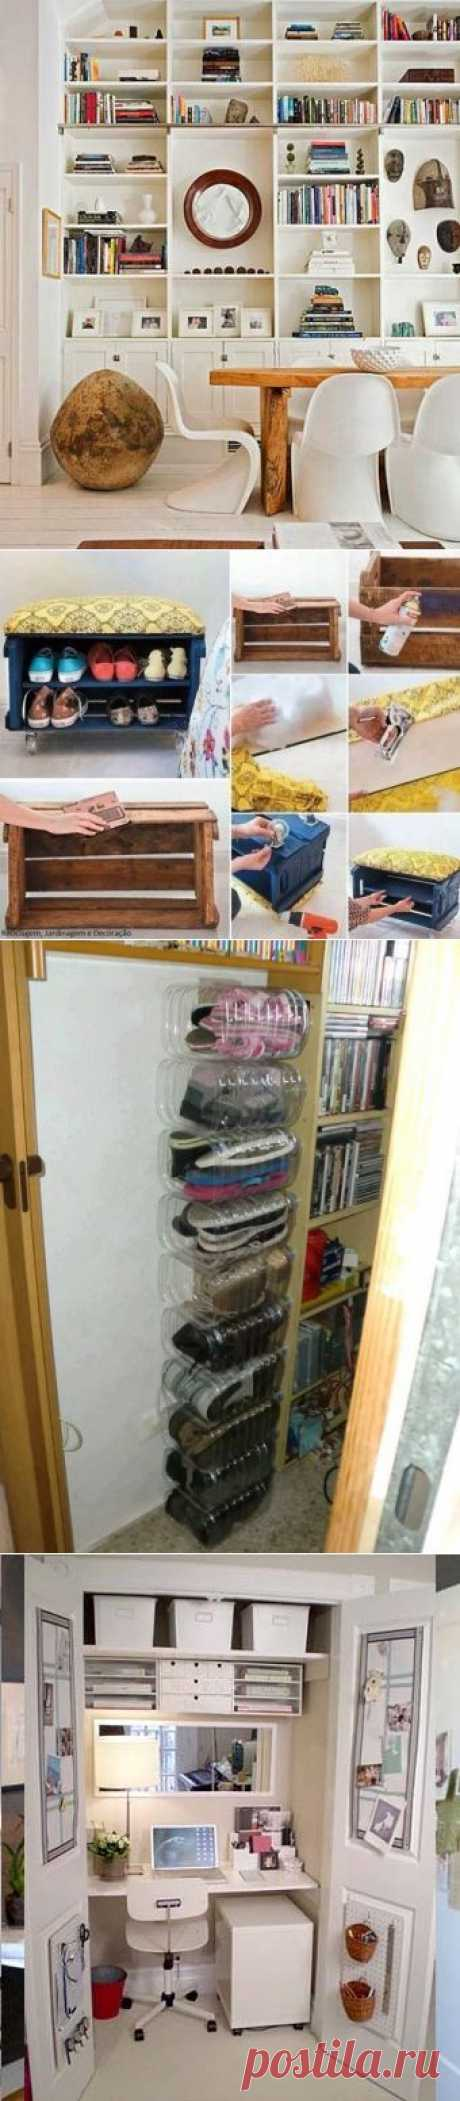 Интересные и полезные идеи для дома.